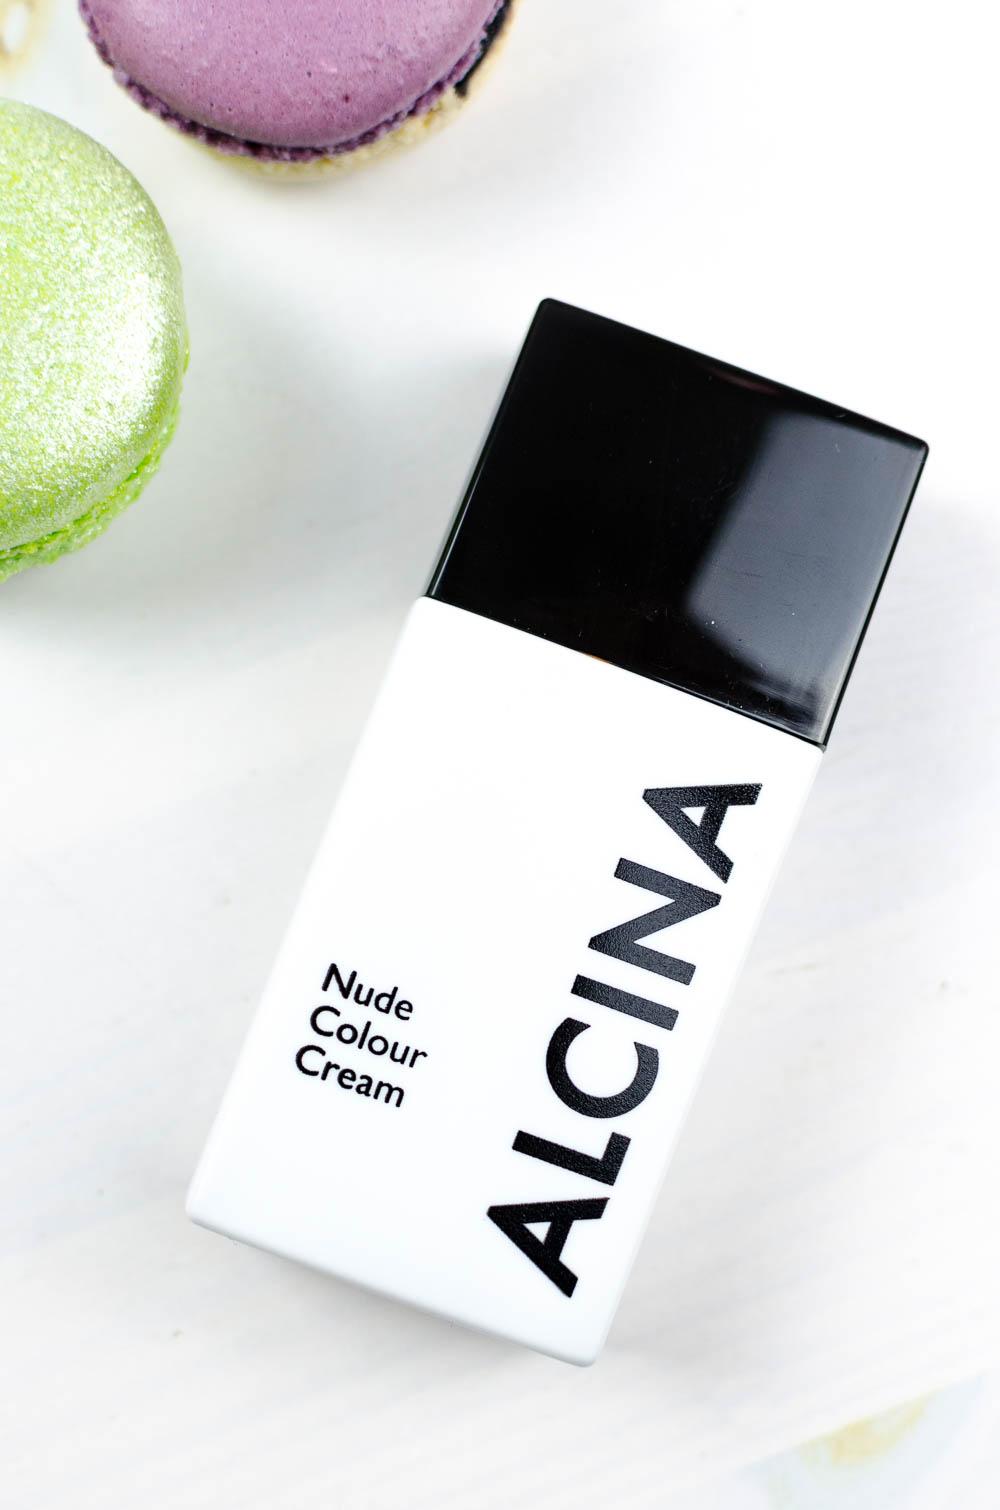 Alcina-Nude Colour Cream